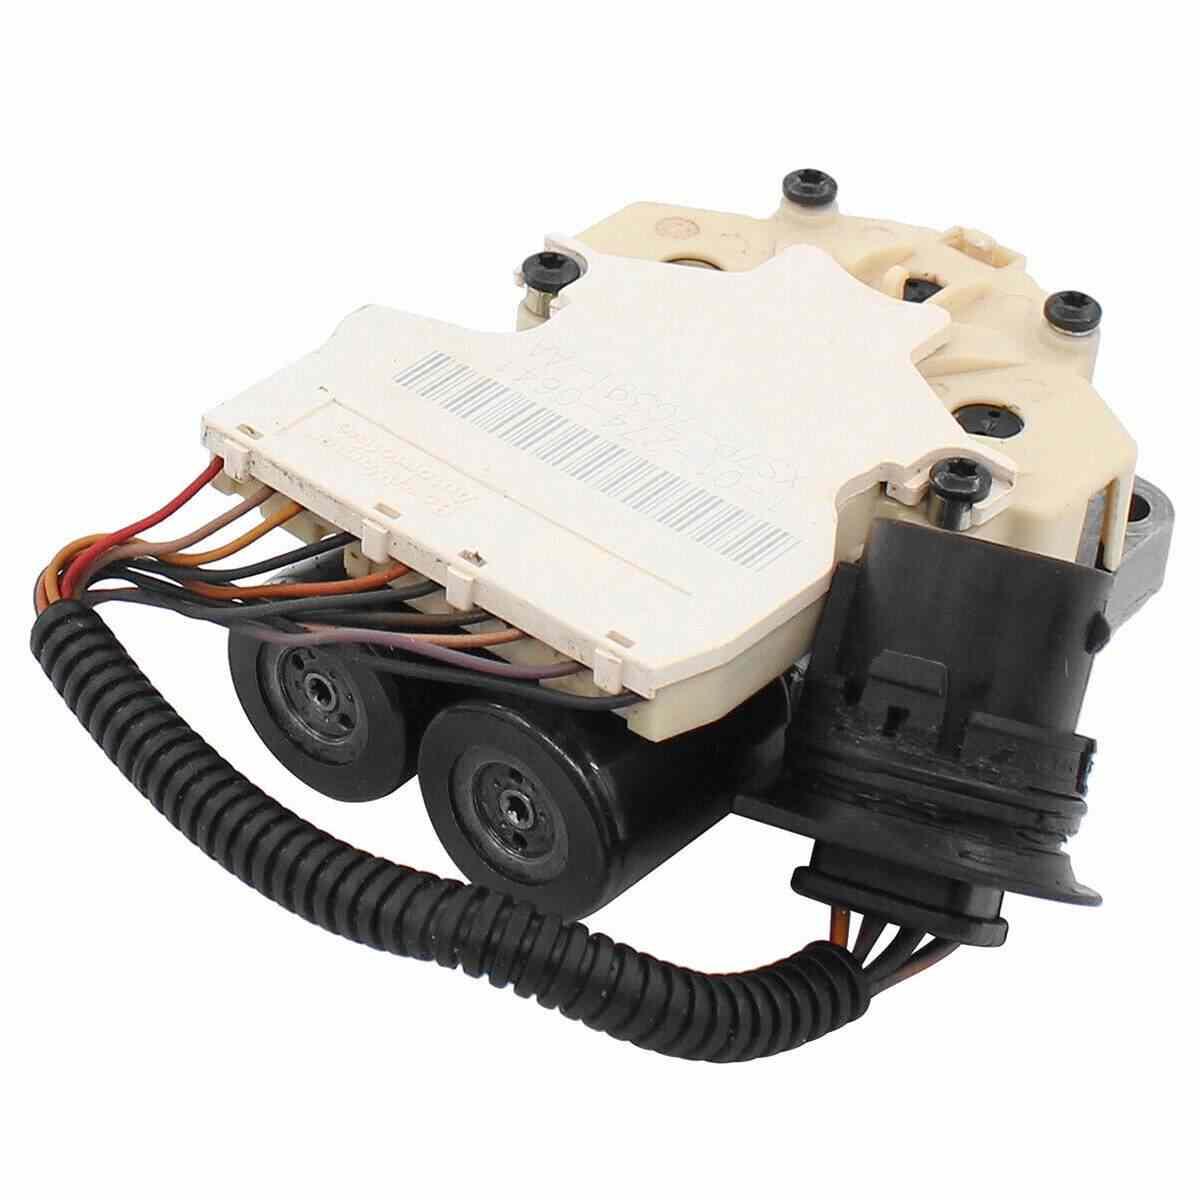 伝送電磁弁ブロックシフトフォードエスケープ Mazd F6RZ-7G391-A CVT シフト制御ソレノイド伝送バルブボディ